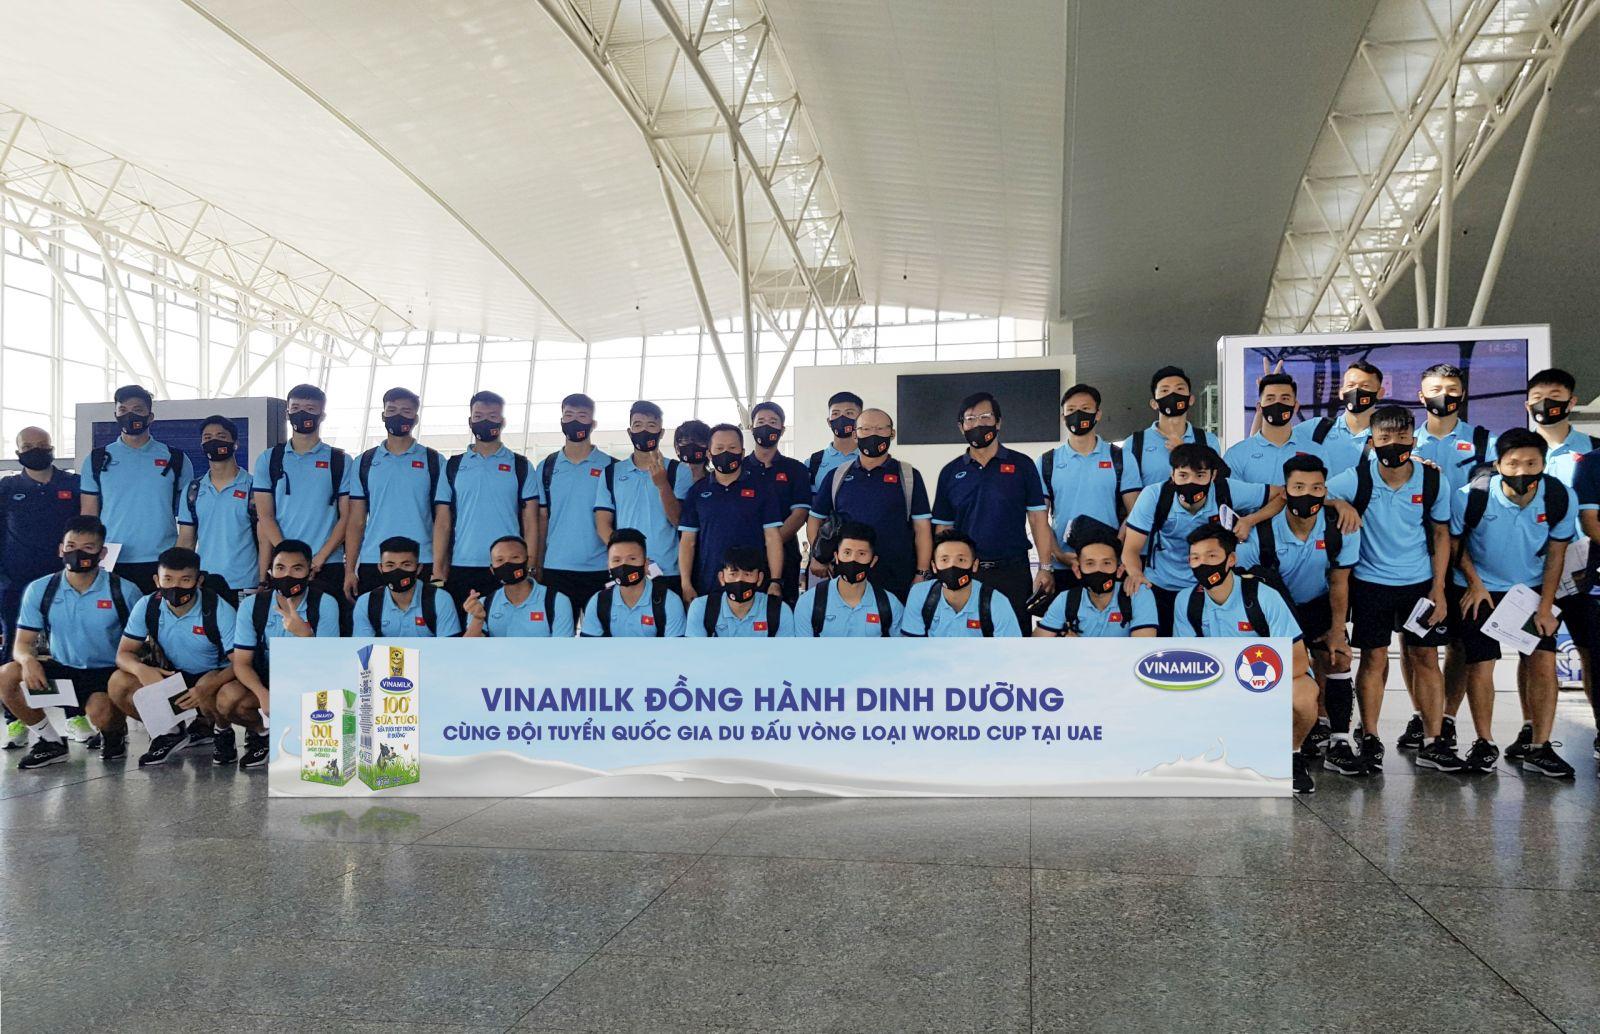 Vinamilk đồng hành cùng Đội tuyển Quốc gia tại vòng loại WORLD CUP 2022